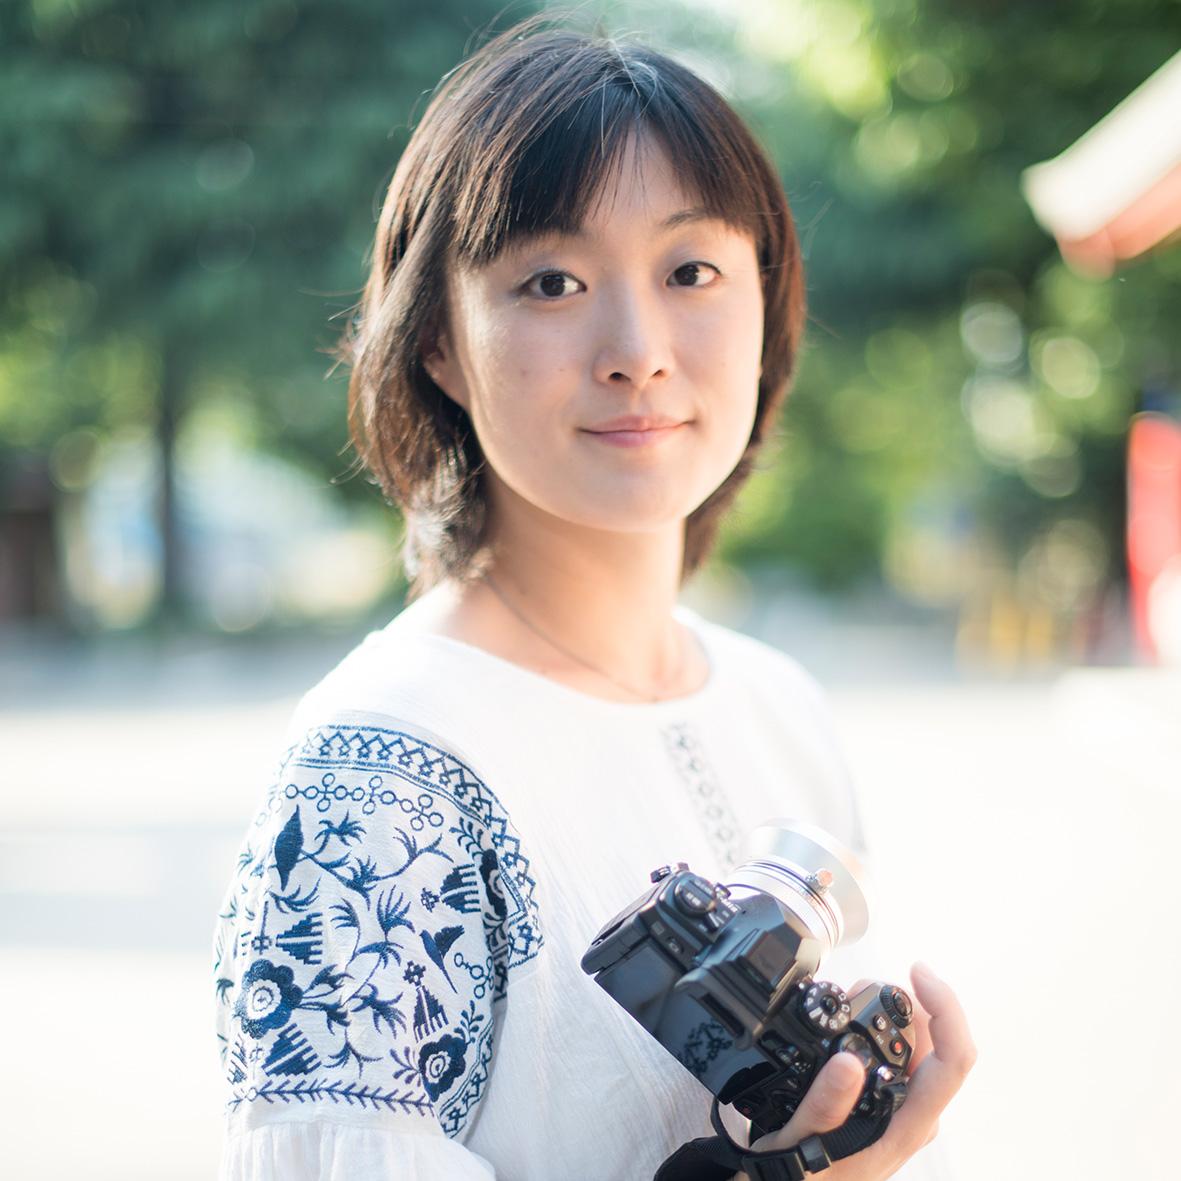 【D4P Radio】「伊藤詩織さんに対する誹謗中傷についての訴訟提起会見」に参加して